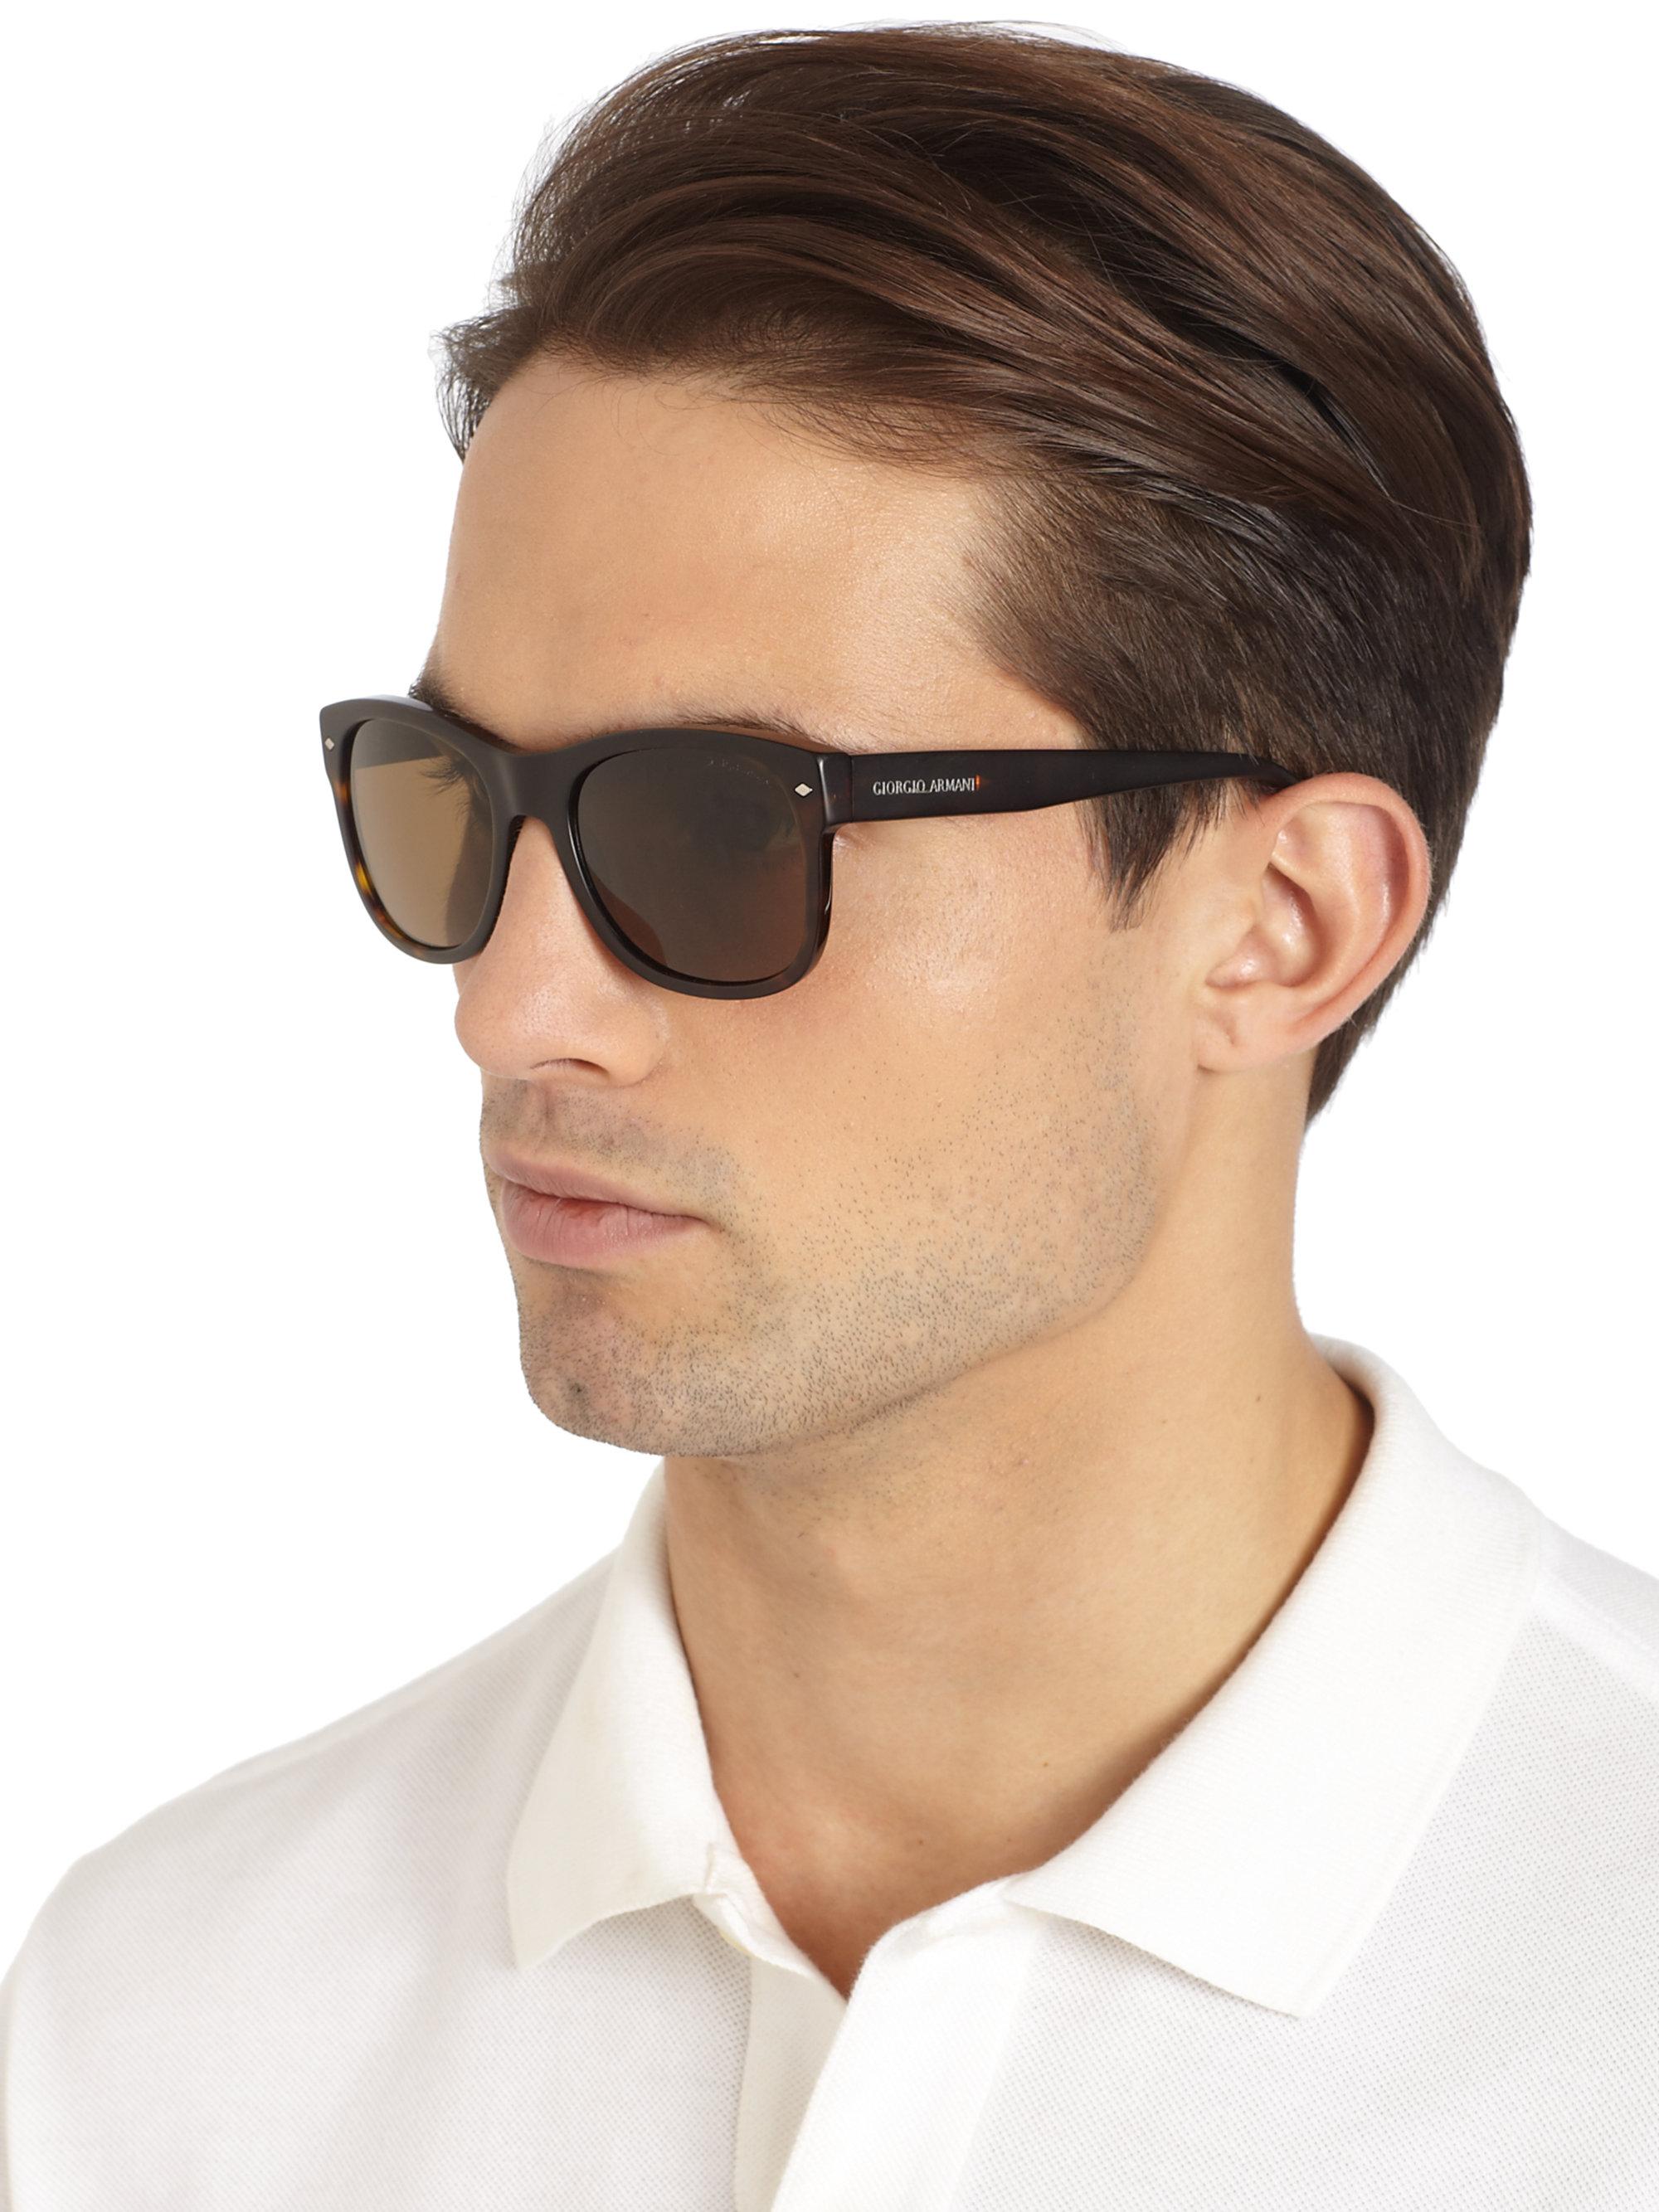 0750ece8935 Lyst - Giorgio Armani Square Acetate Sunglasses in Brown for Men